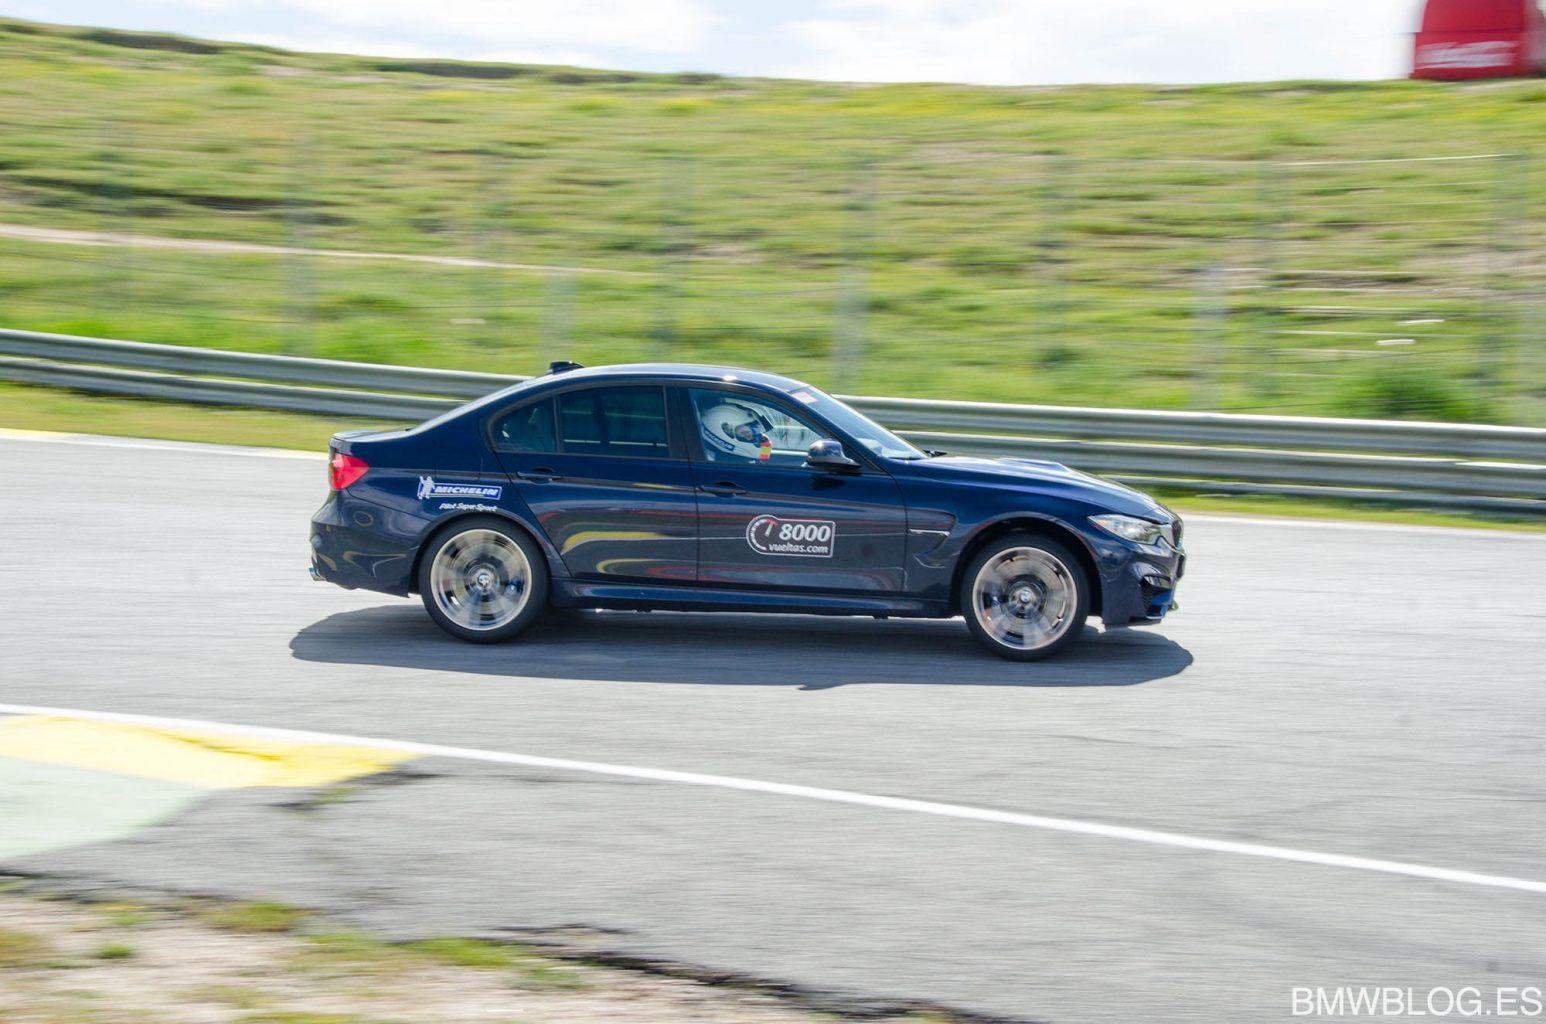 Barrido-BMW-12